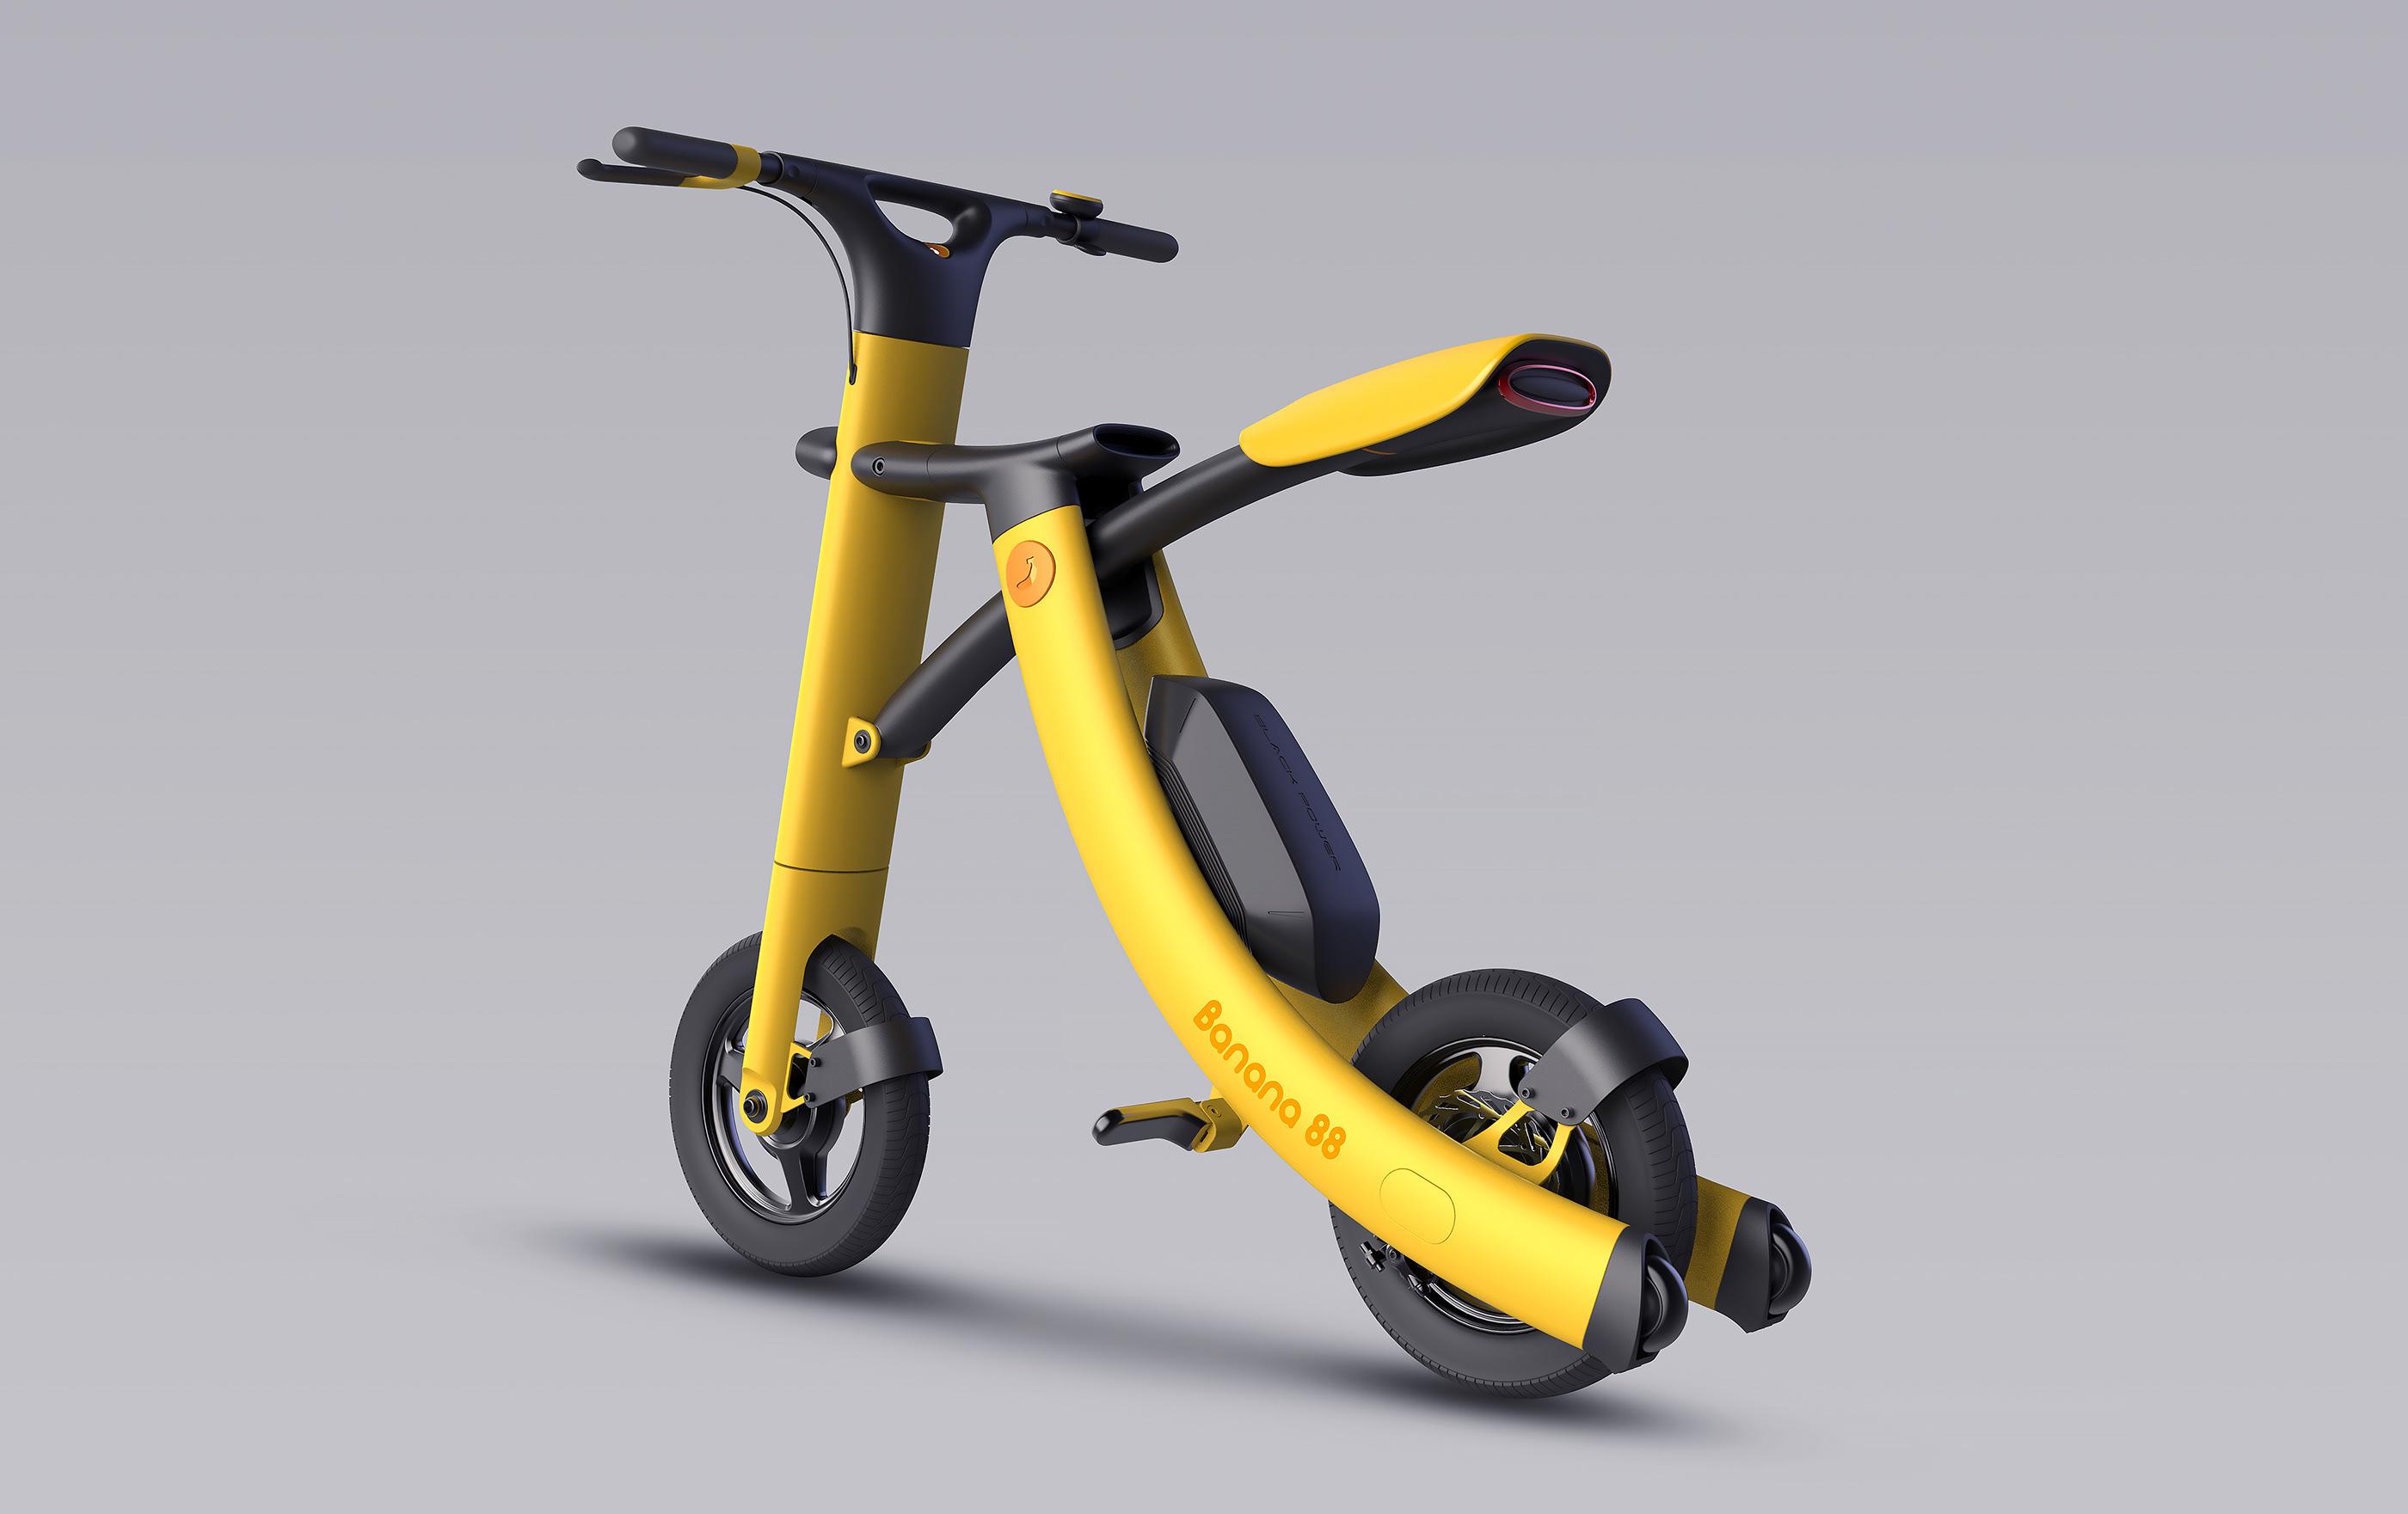 国际资讯_电动折叠滑板车Banana 88 - 视觉同盟(VisionUnion.com)